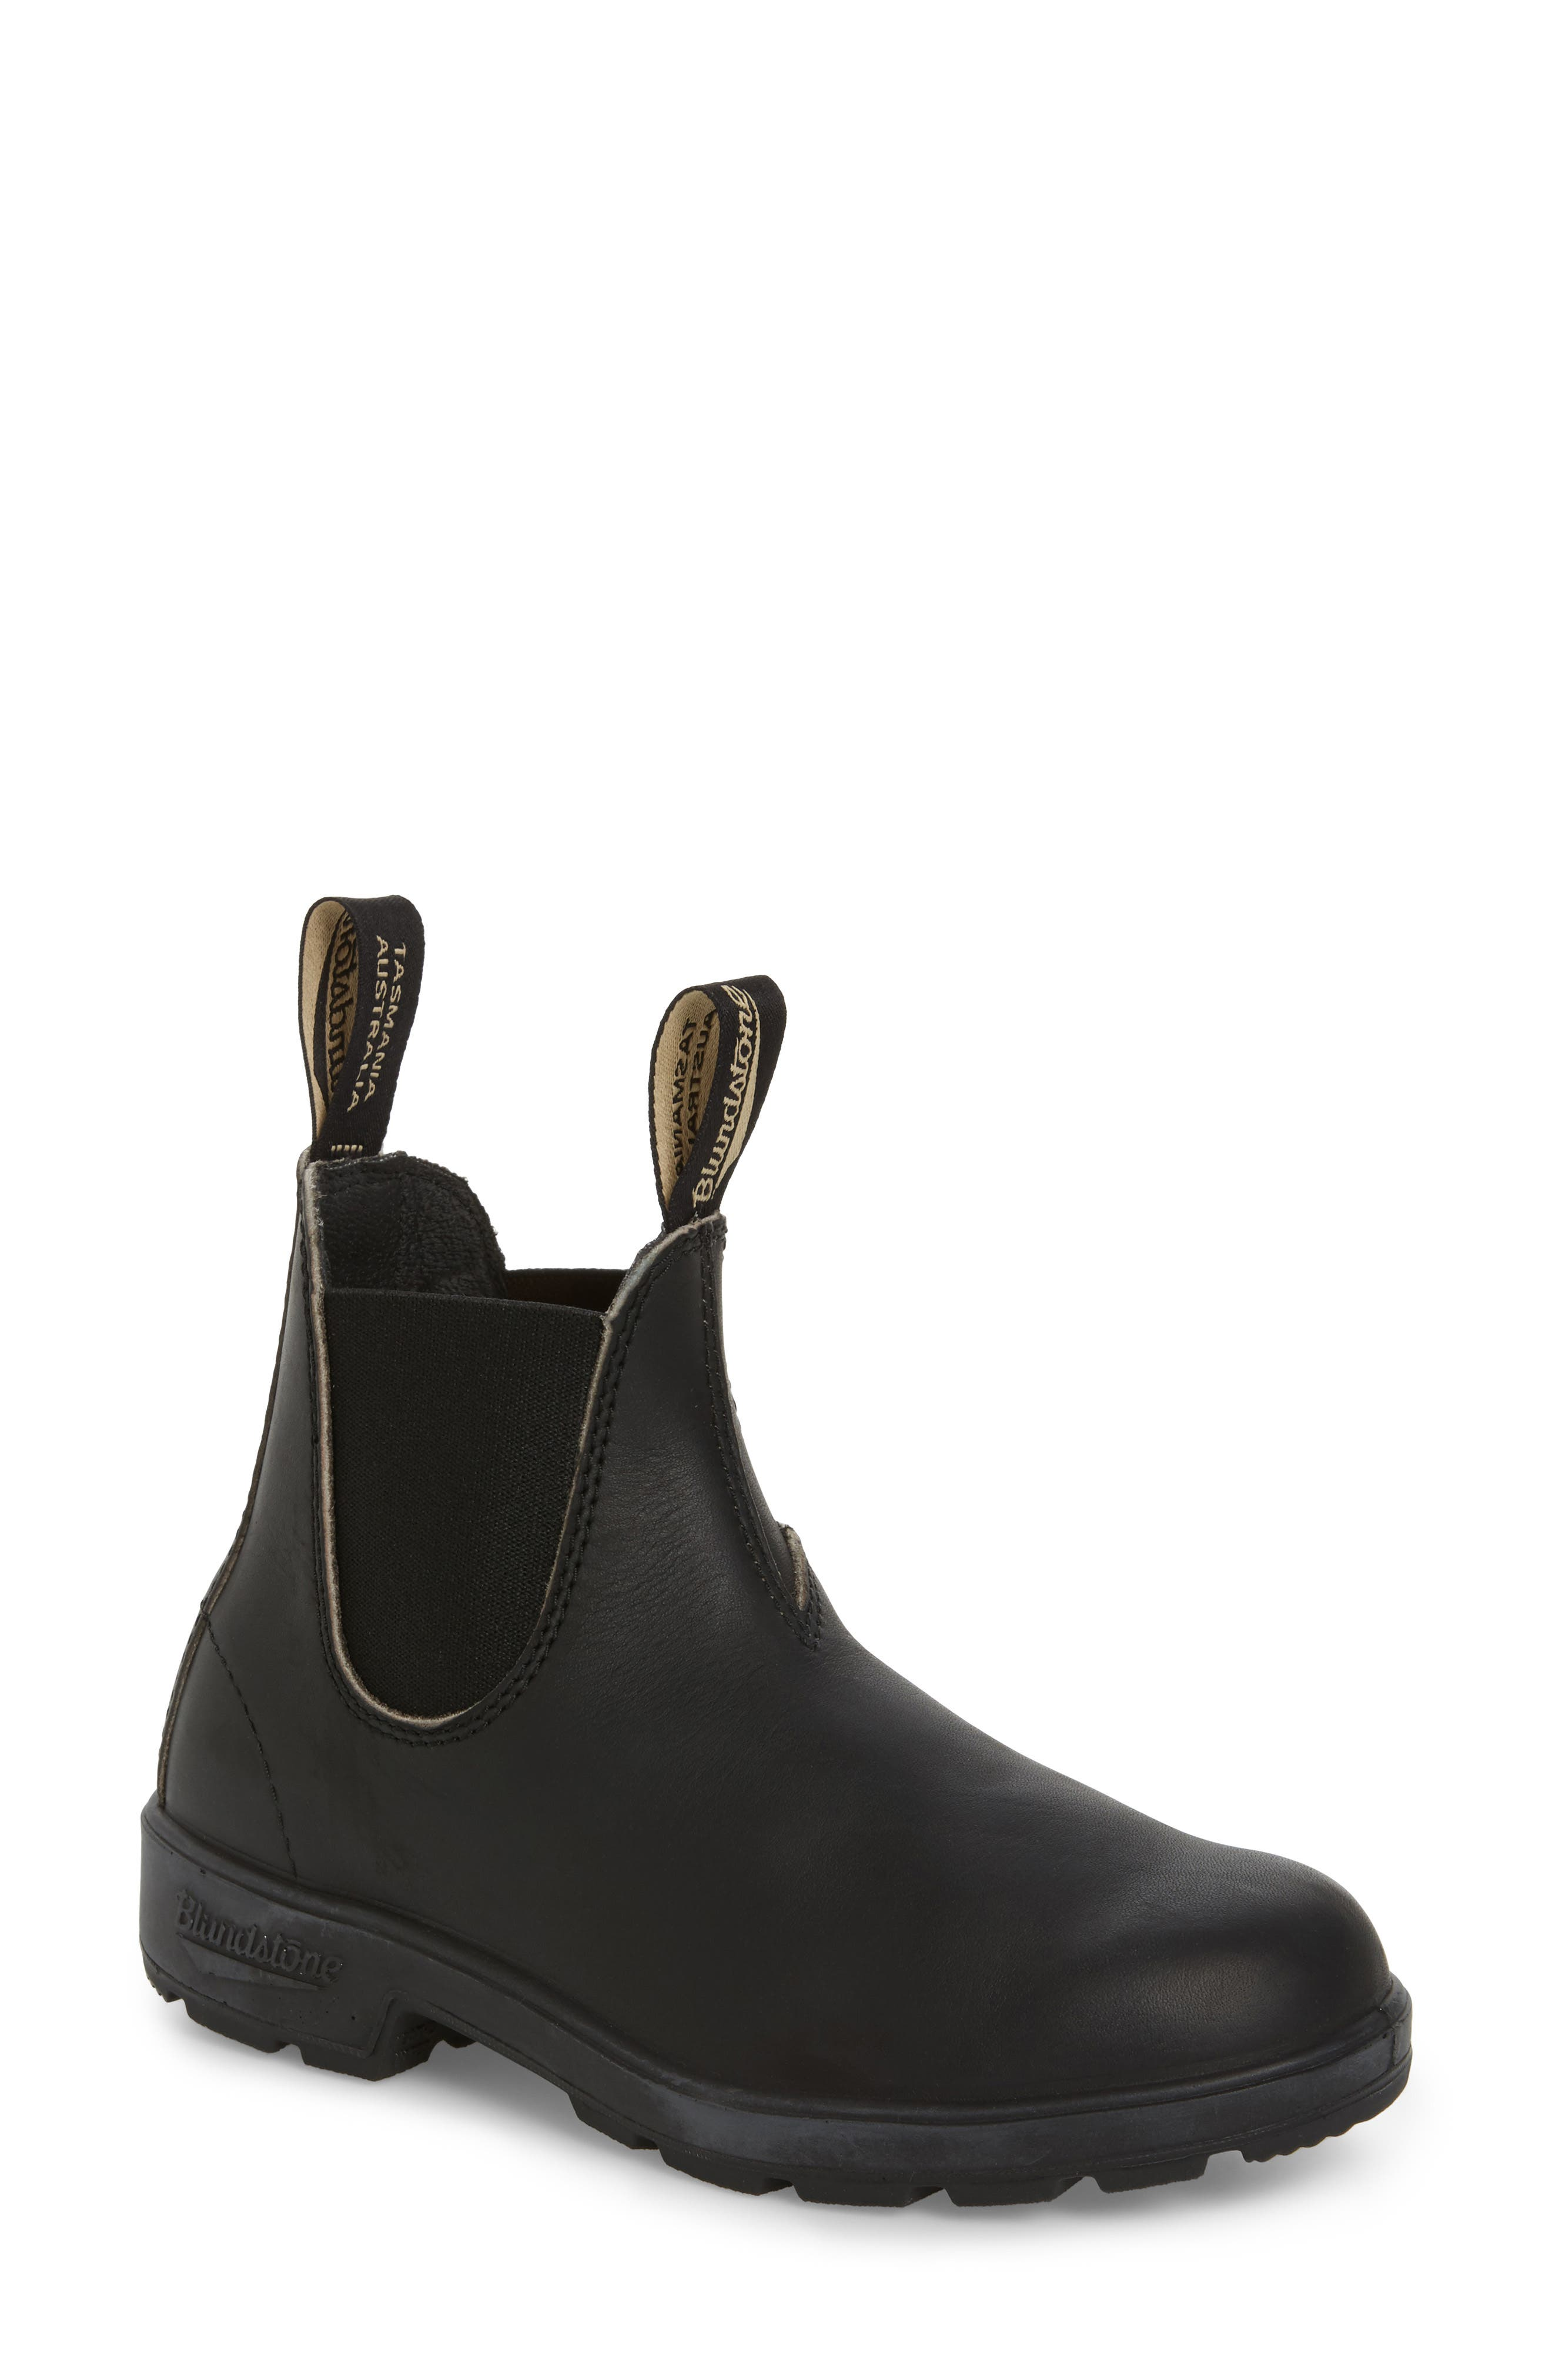 Blundstone Footwear Stout Water Resistant Chelsea Boot (Women)